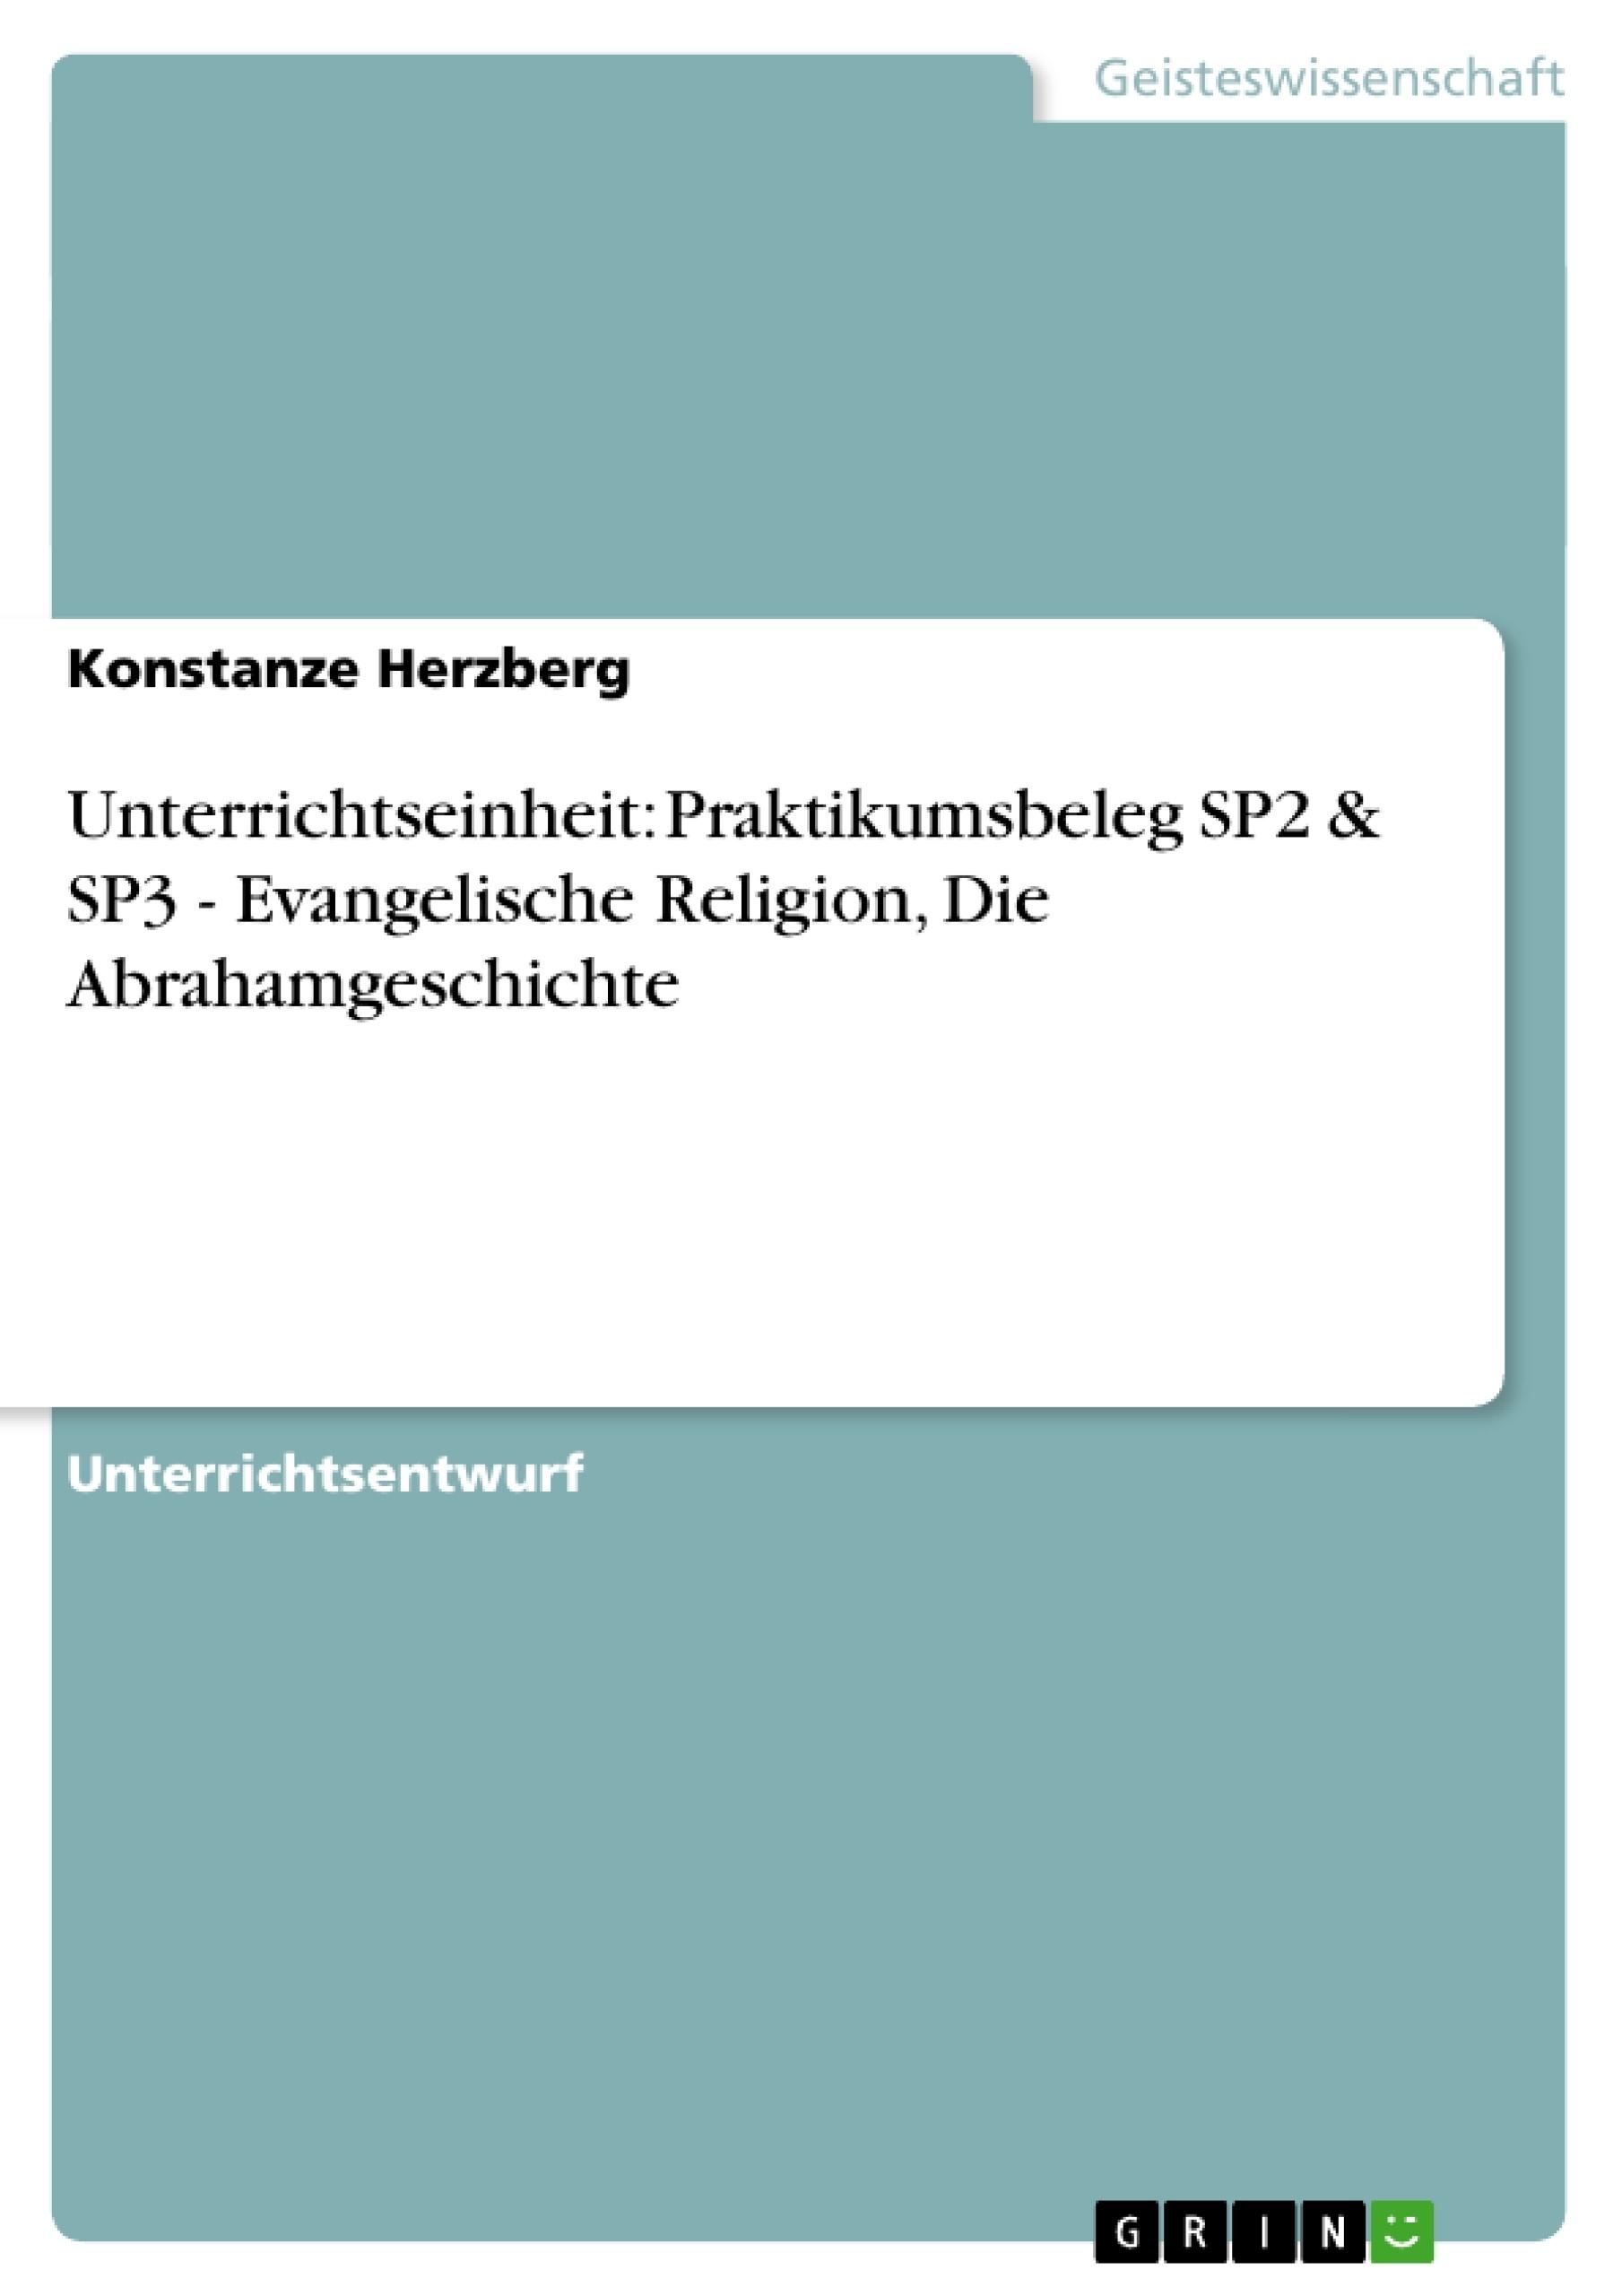 Titel: Unterrichtseinheit: Praktikumsbeleg SP2 & SP3 - Evangelische Religion, Die Abrahamgeschichte